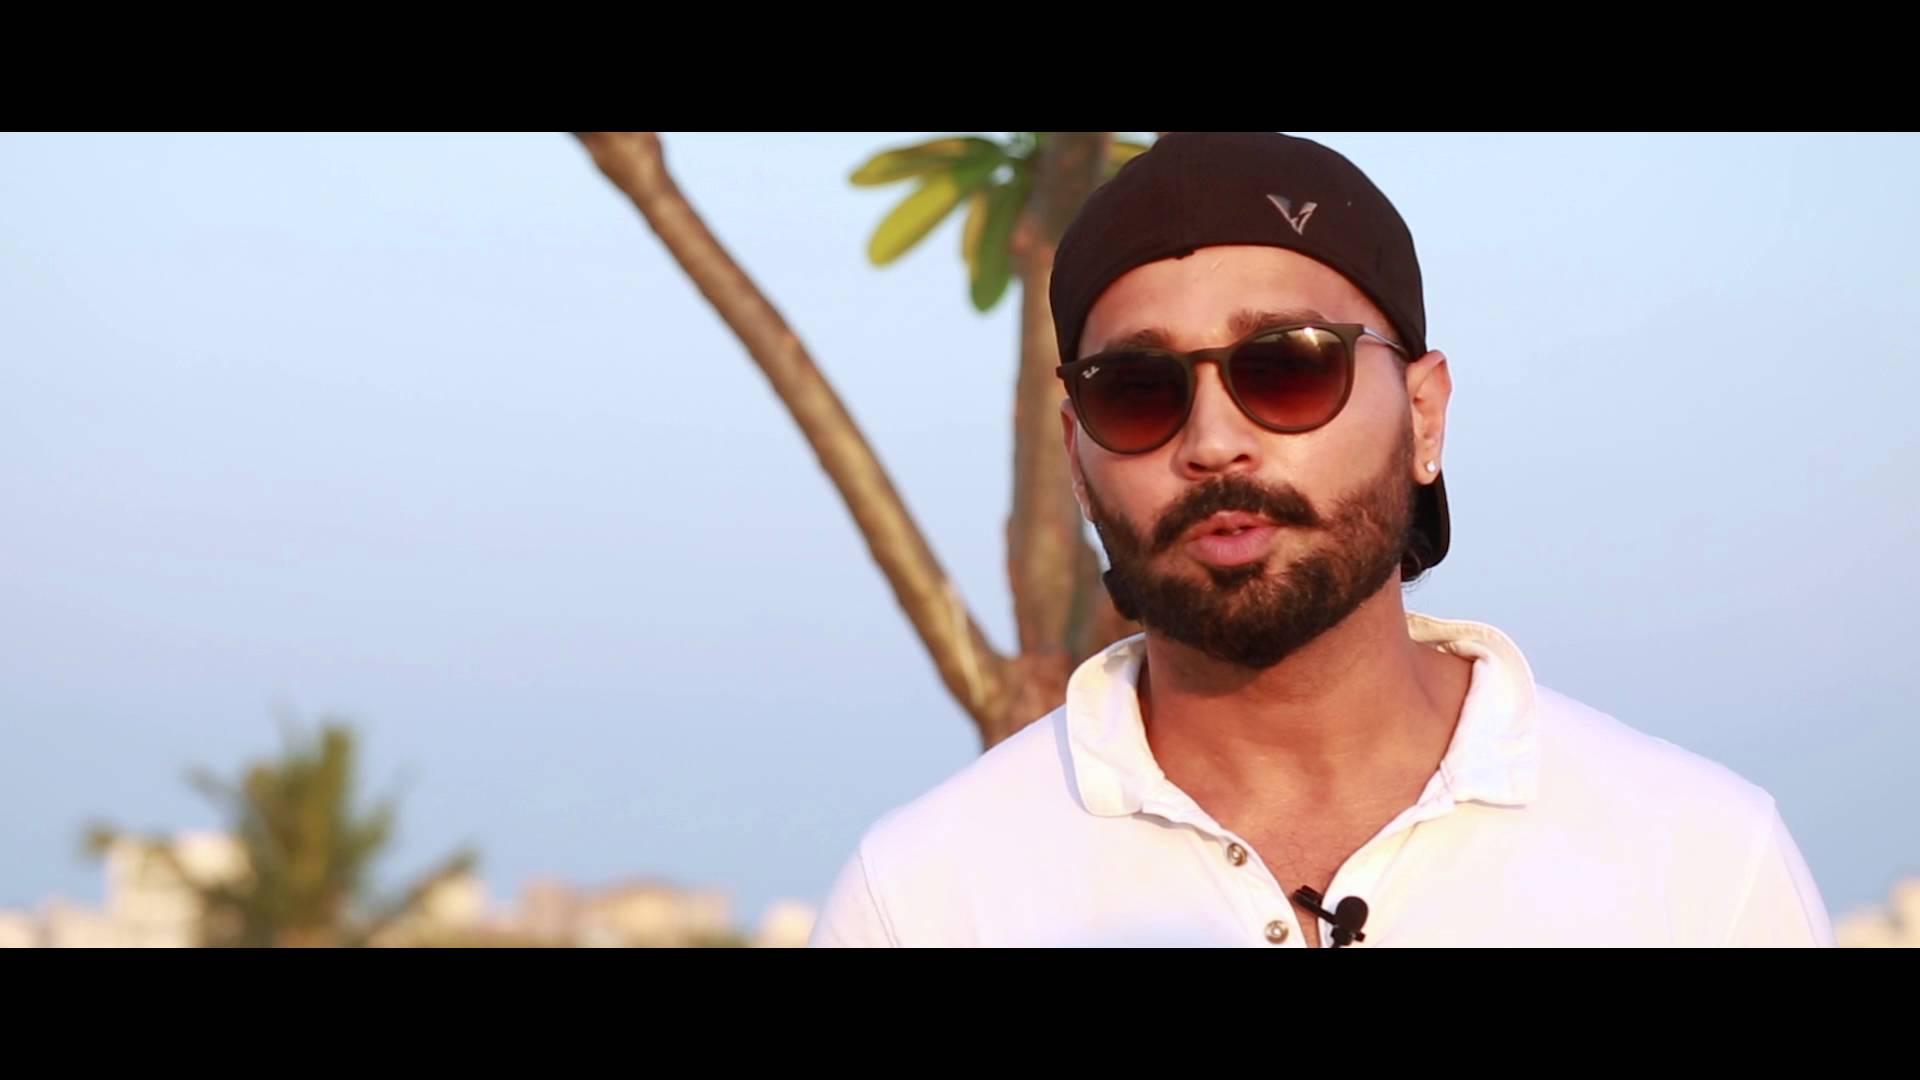 Indian cricketerMurali vijay wishes for natpadhigaram-79 release